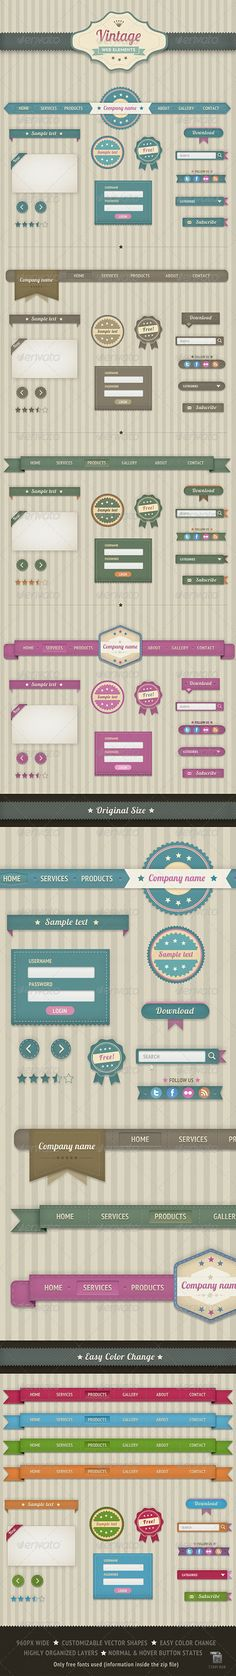 vintage web elements $5 via graphicriver